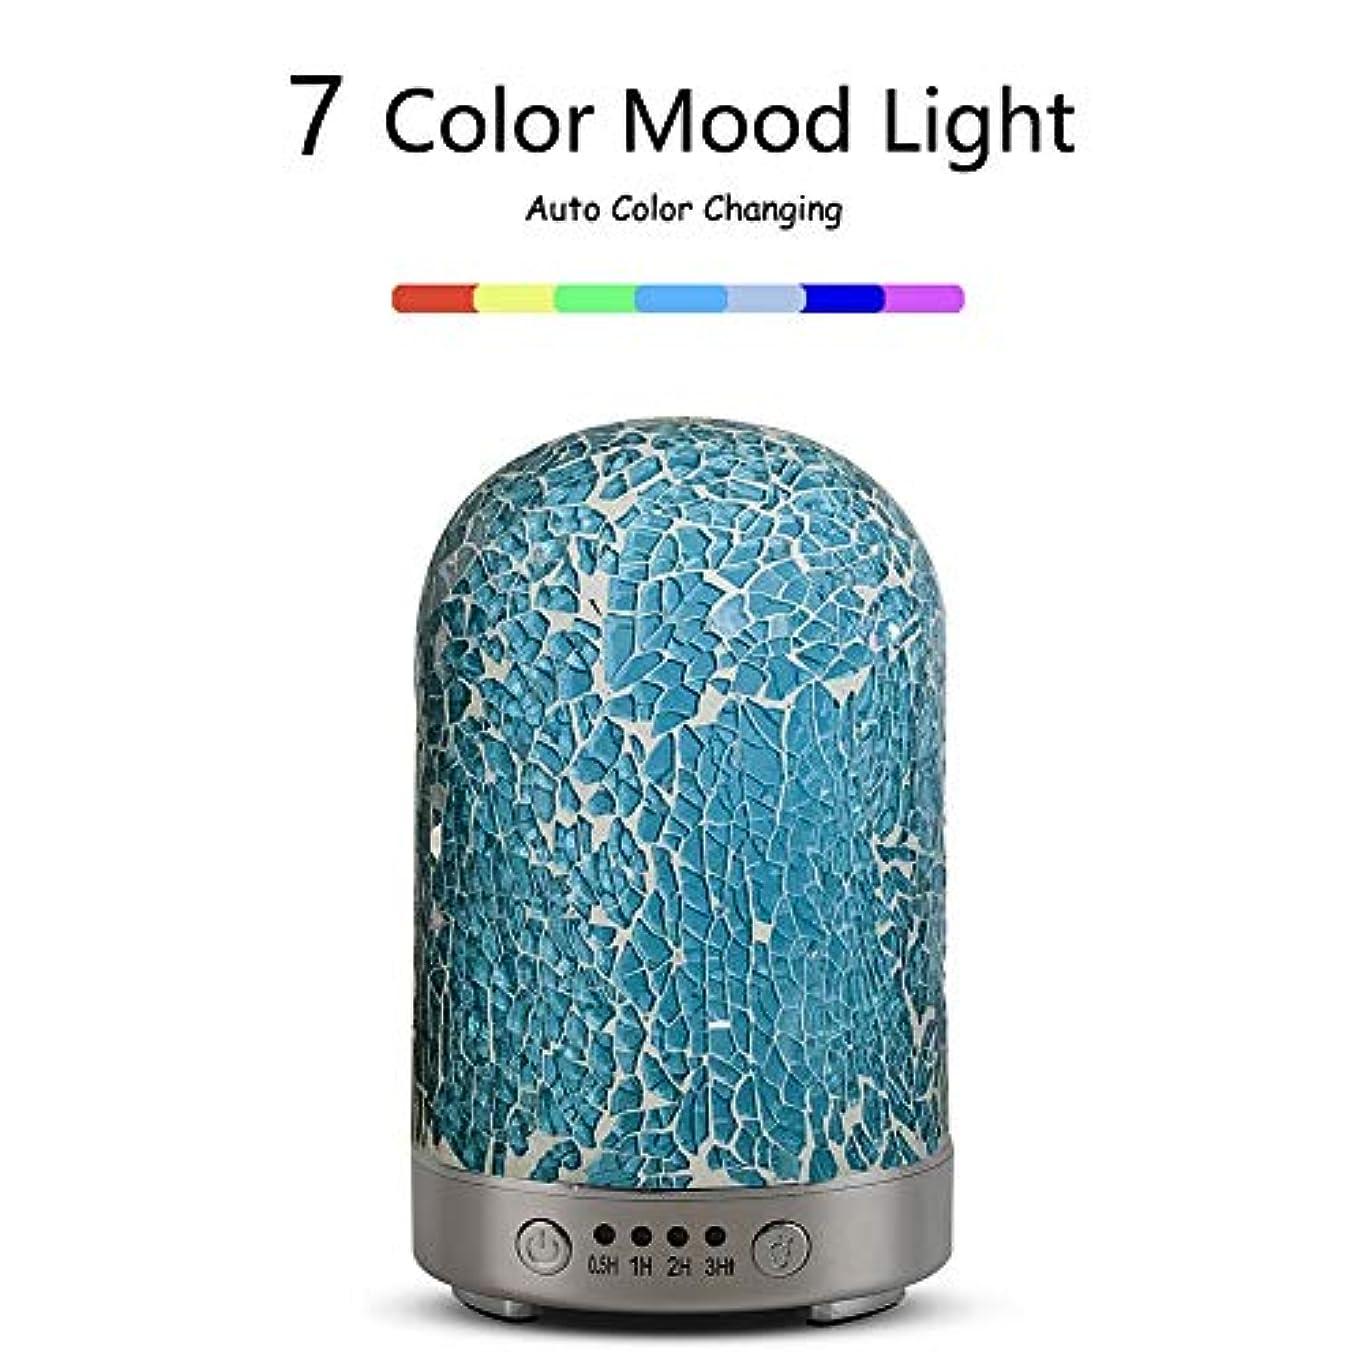 きちんとしたイーウェル擬人化アロマセラピーエッセンシャルオイルディフューザーアロマ加湿器10 mlクラックモザイクガラスシェル7色LEDライトミュート自動ライト変更